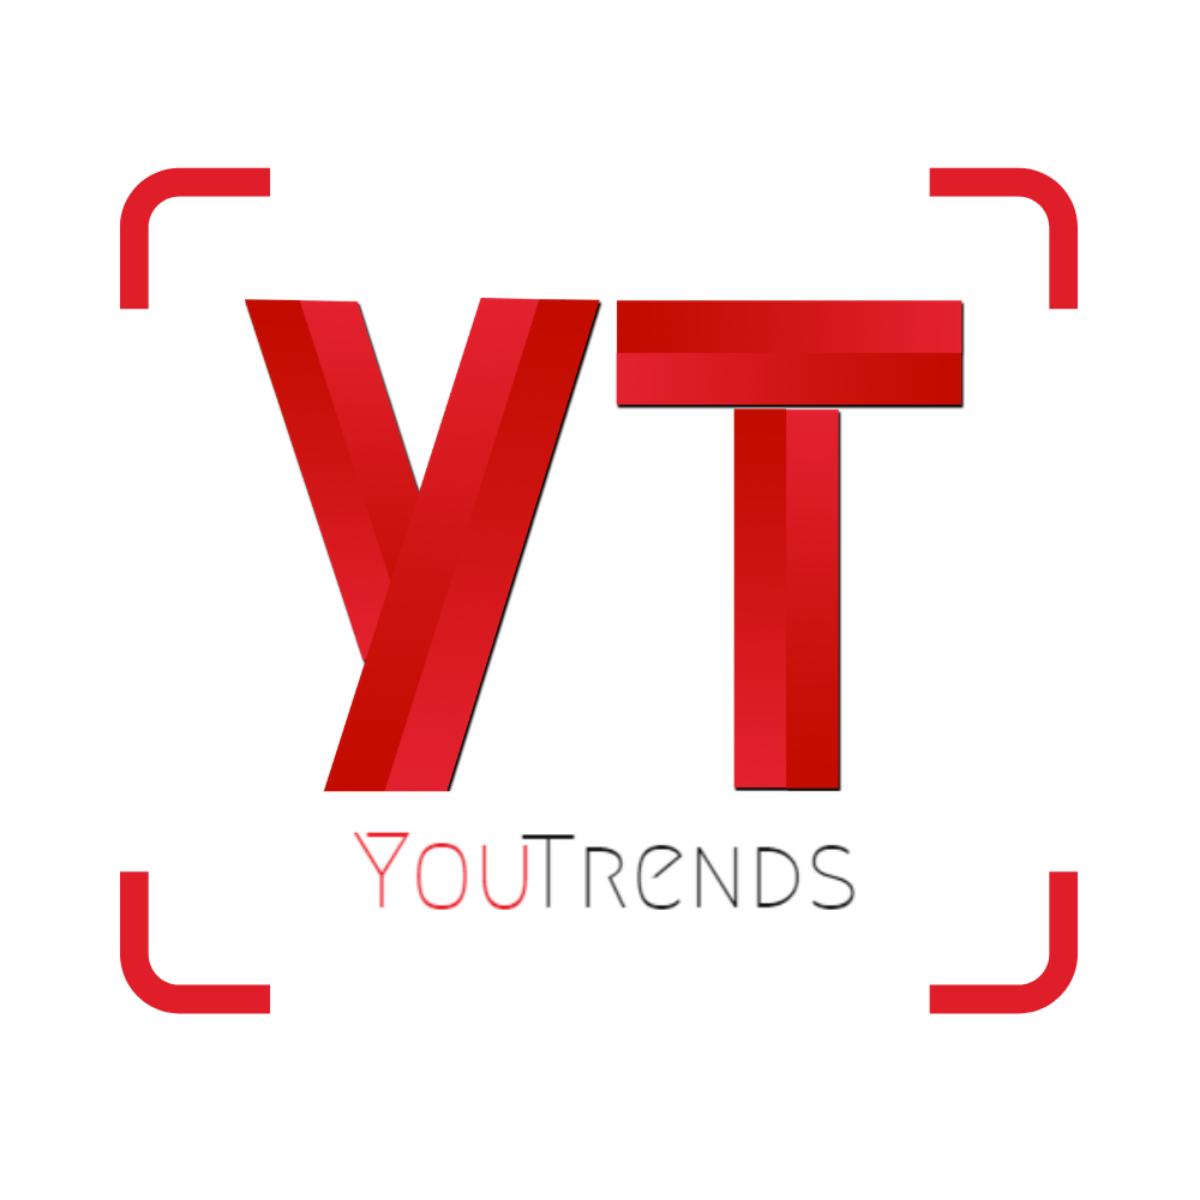 Youtrends Branding